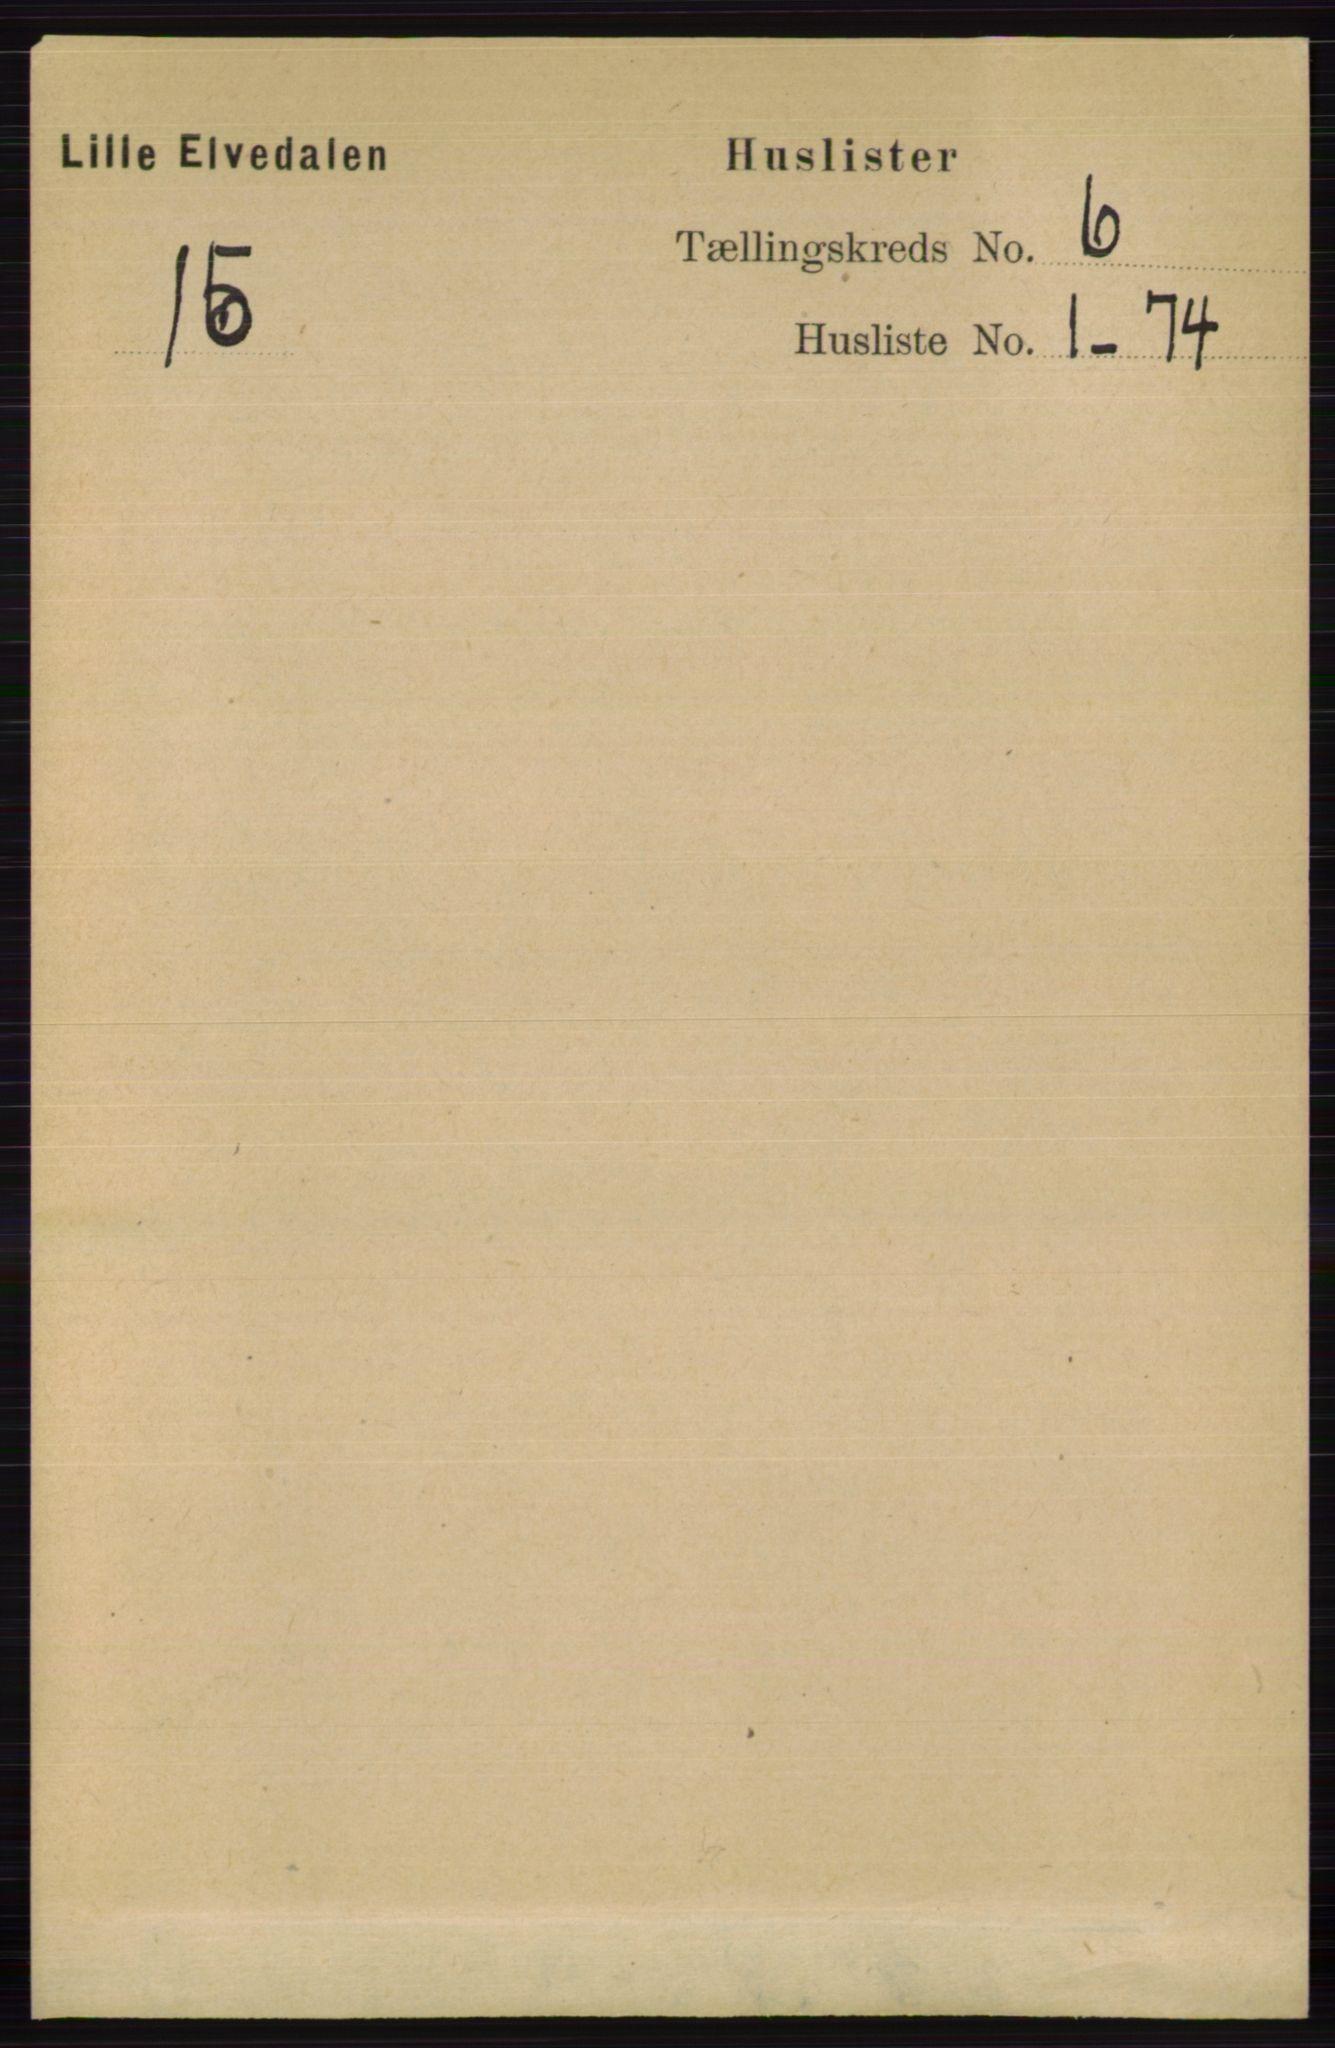 RA, Folketelling 1891 for 0438 Lille Elvedalen herred, 1891, s. 1751